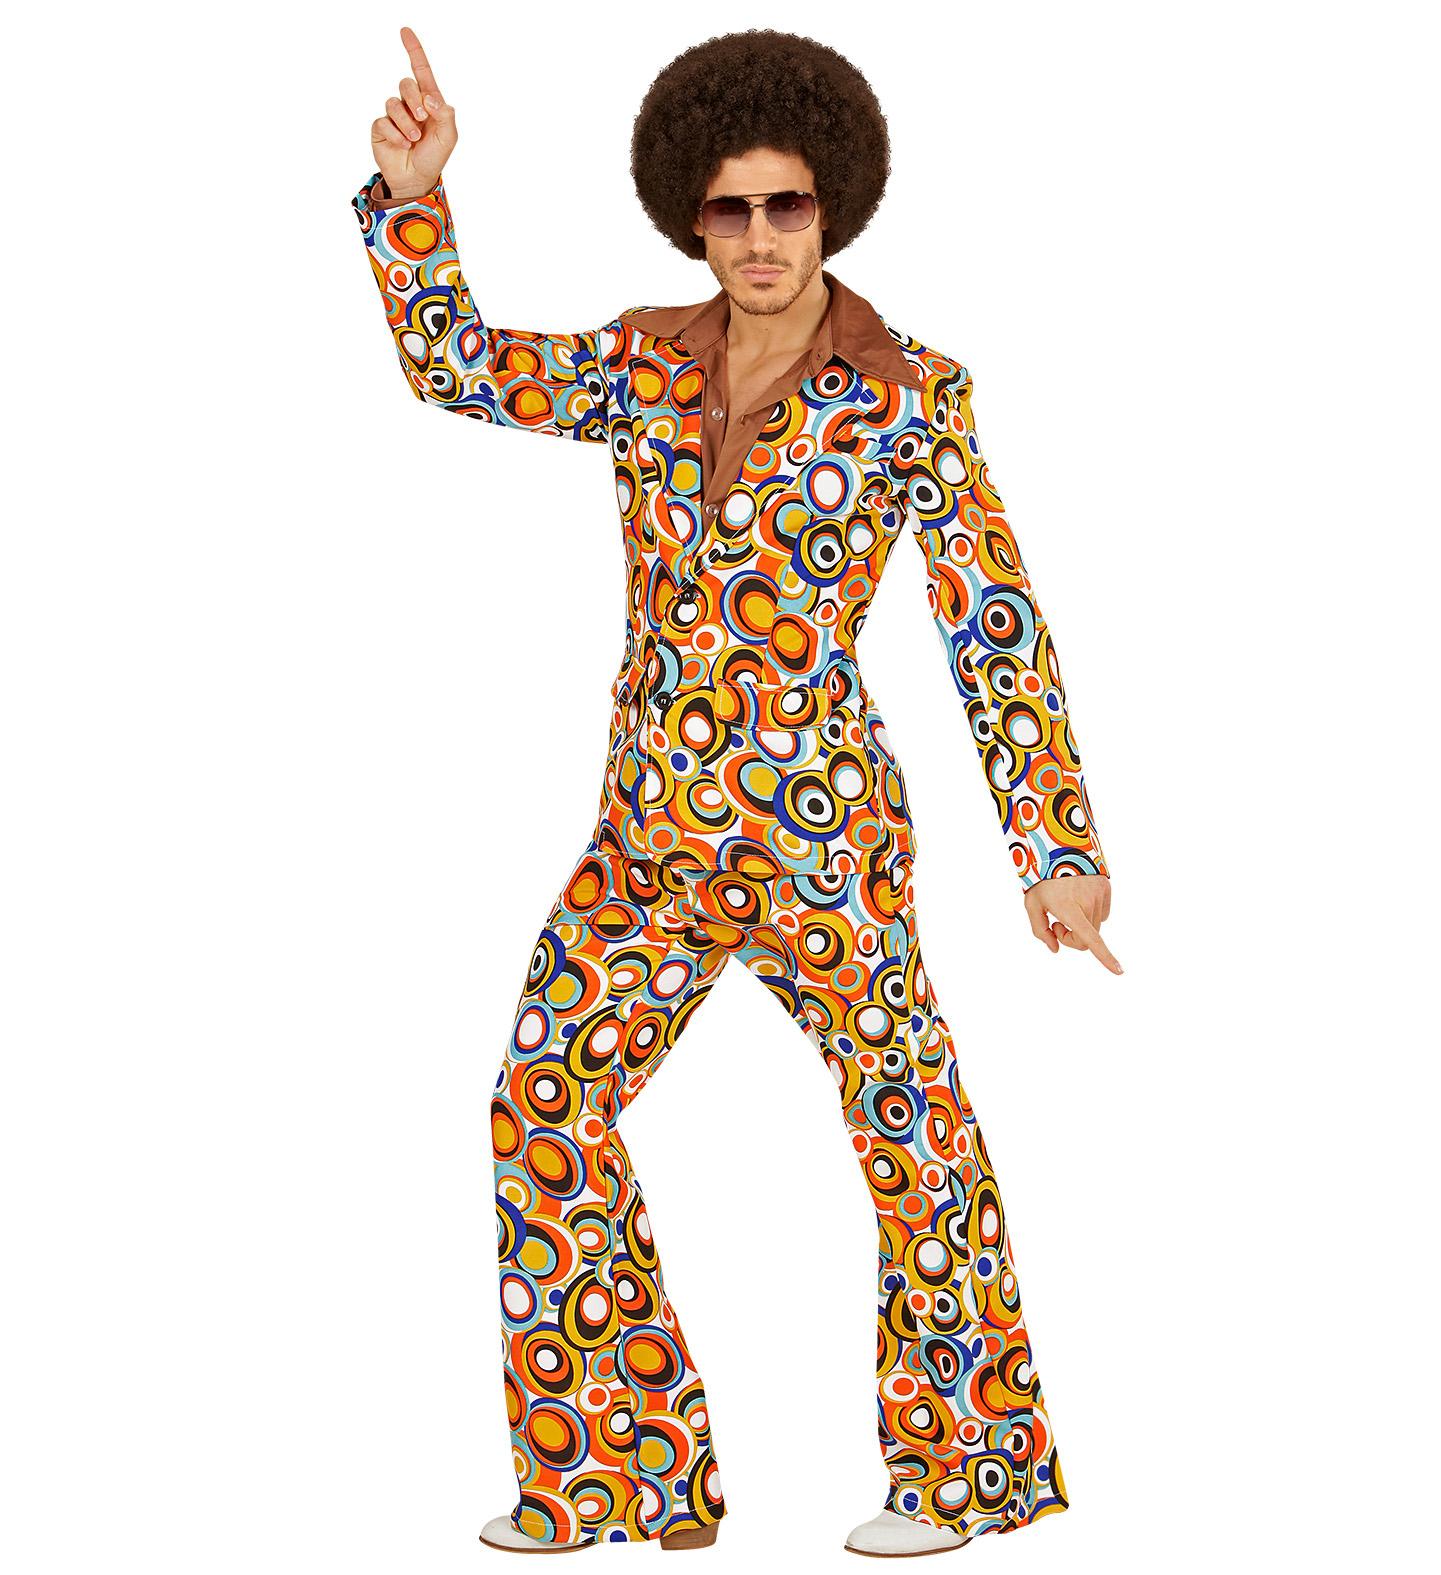 detaillierter Blick Offizieller Lieferant Schlussverkauf Anzug Bubbles bunt Schlaghose Sakko im 70er Jahre Retro ...